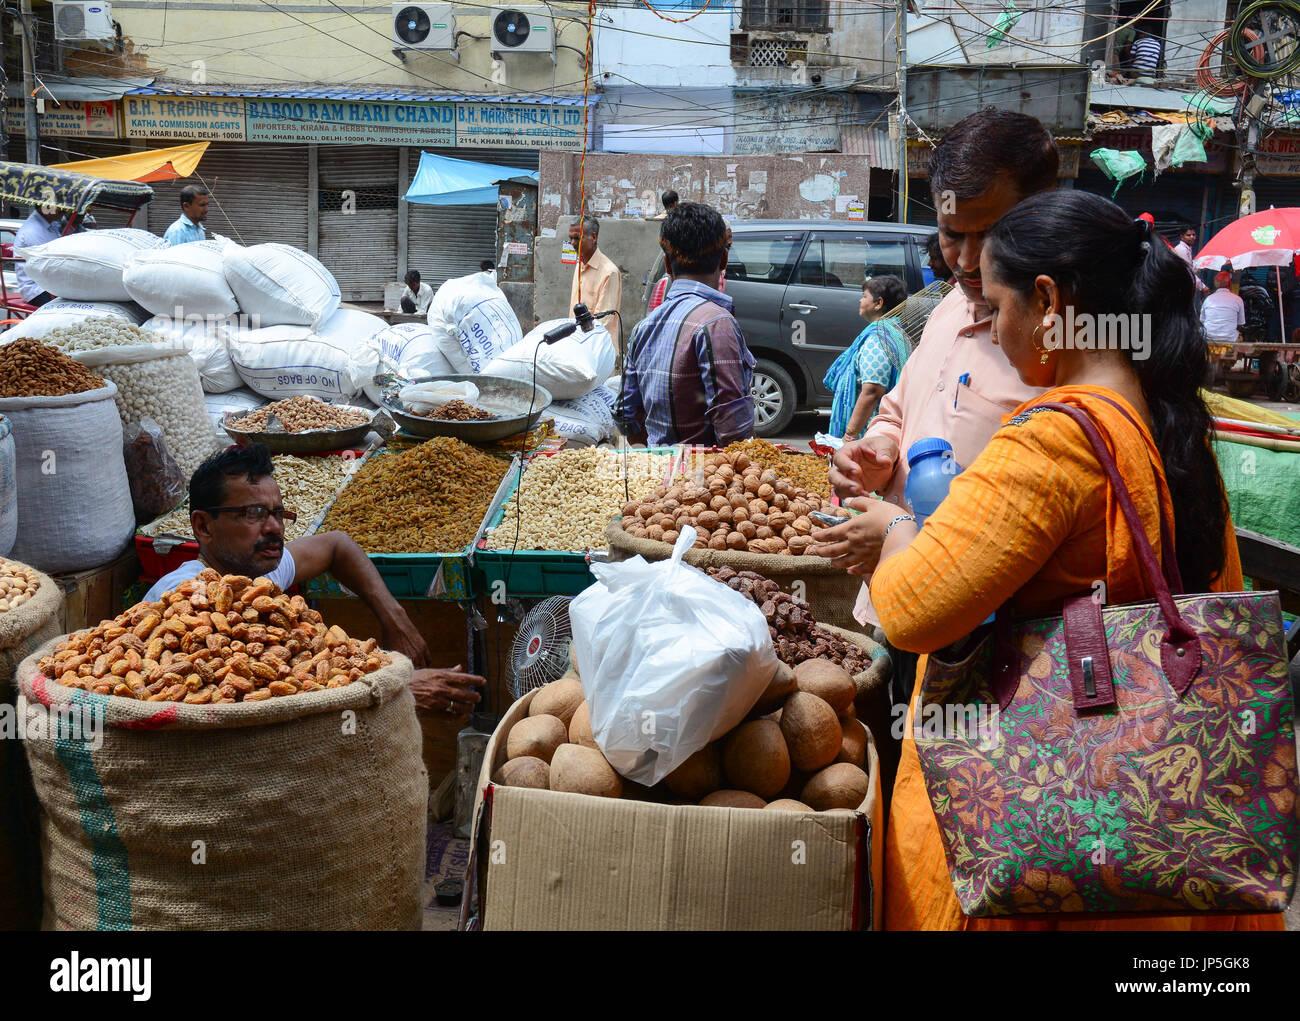 Delhi, India - 26 luglio 2015. I fornitori indiani al mercato di Vecchia Delhi, India. Delhi è detto di essere una Foto Stock